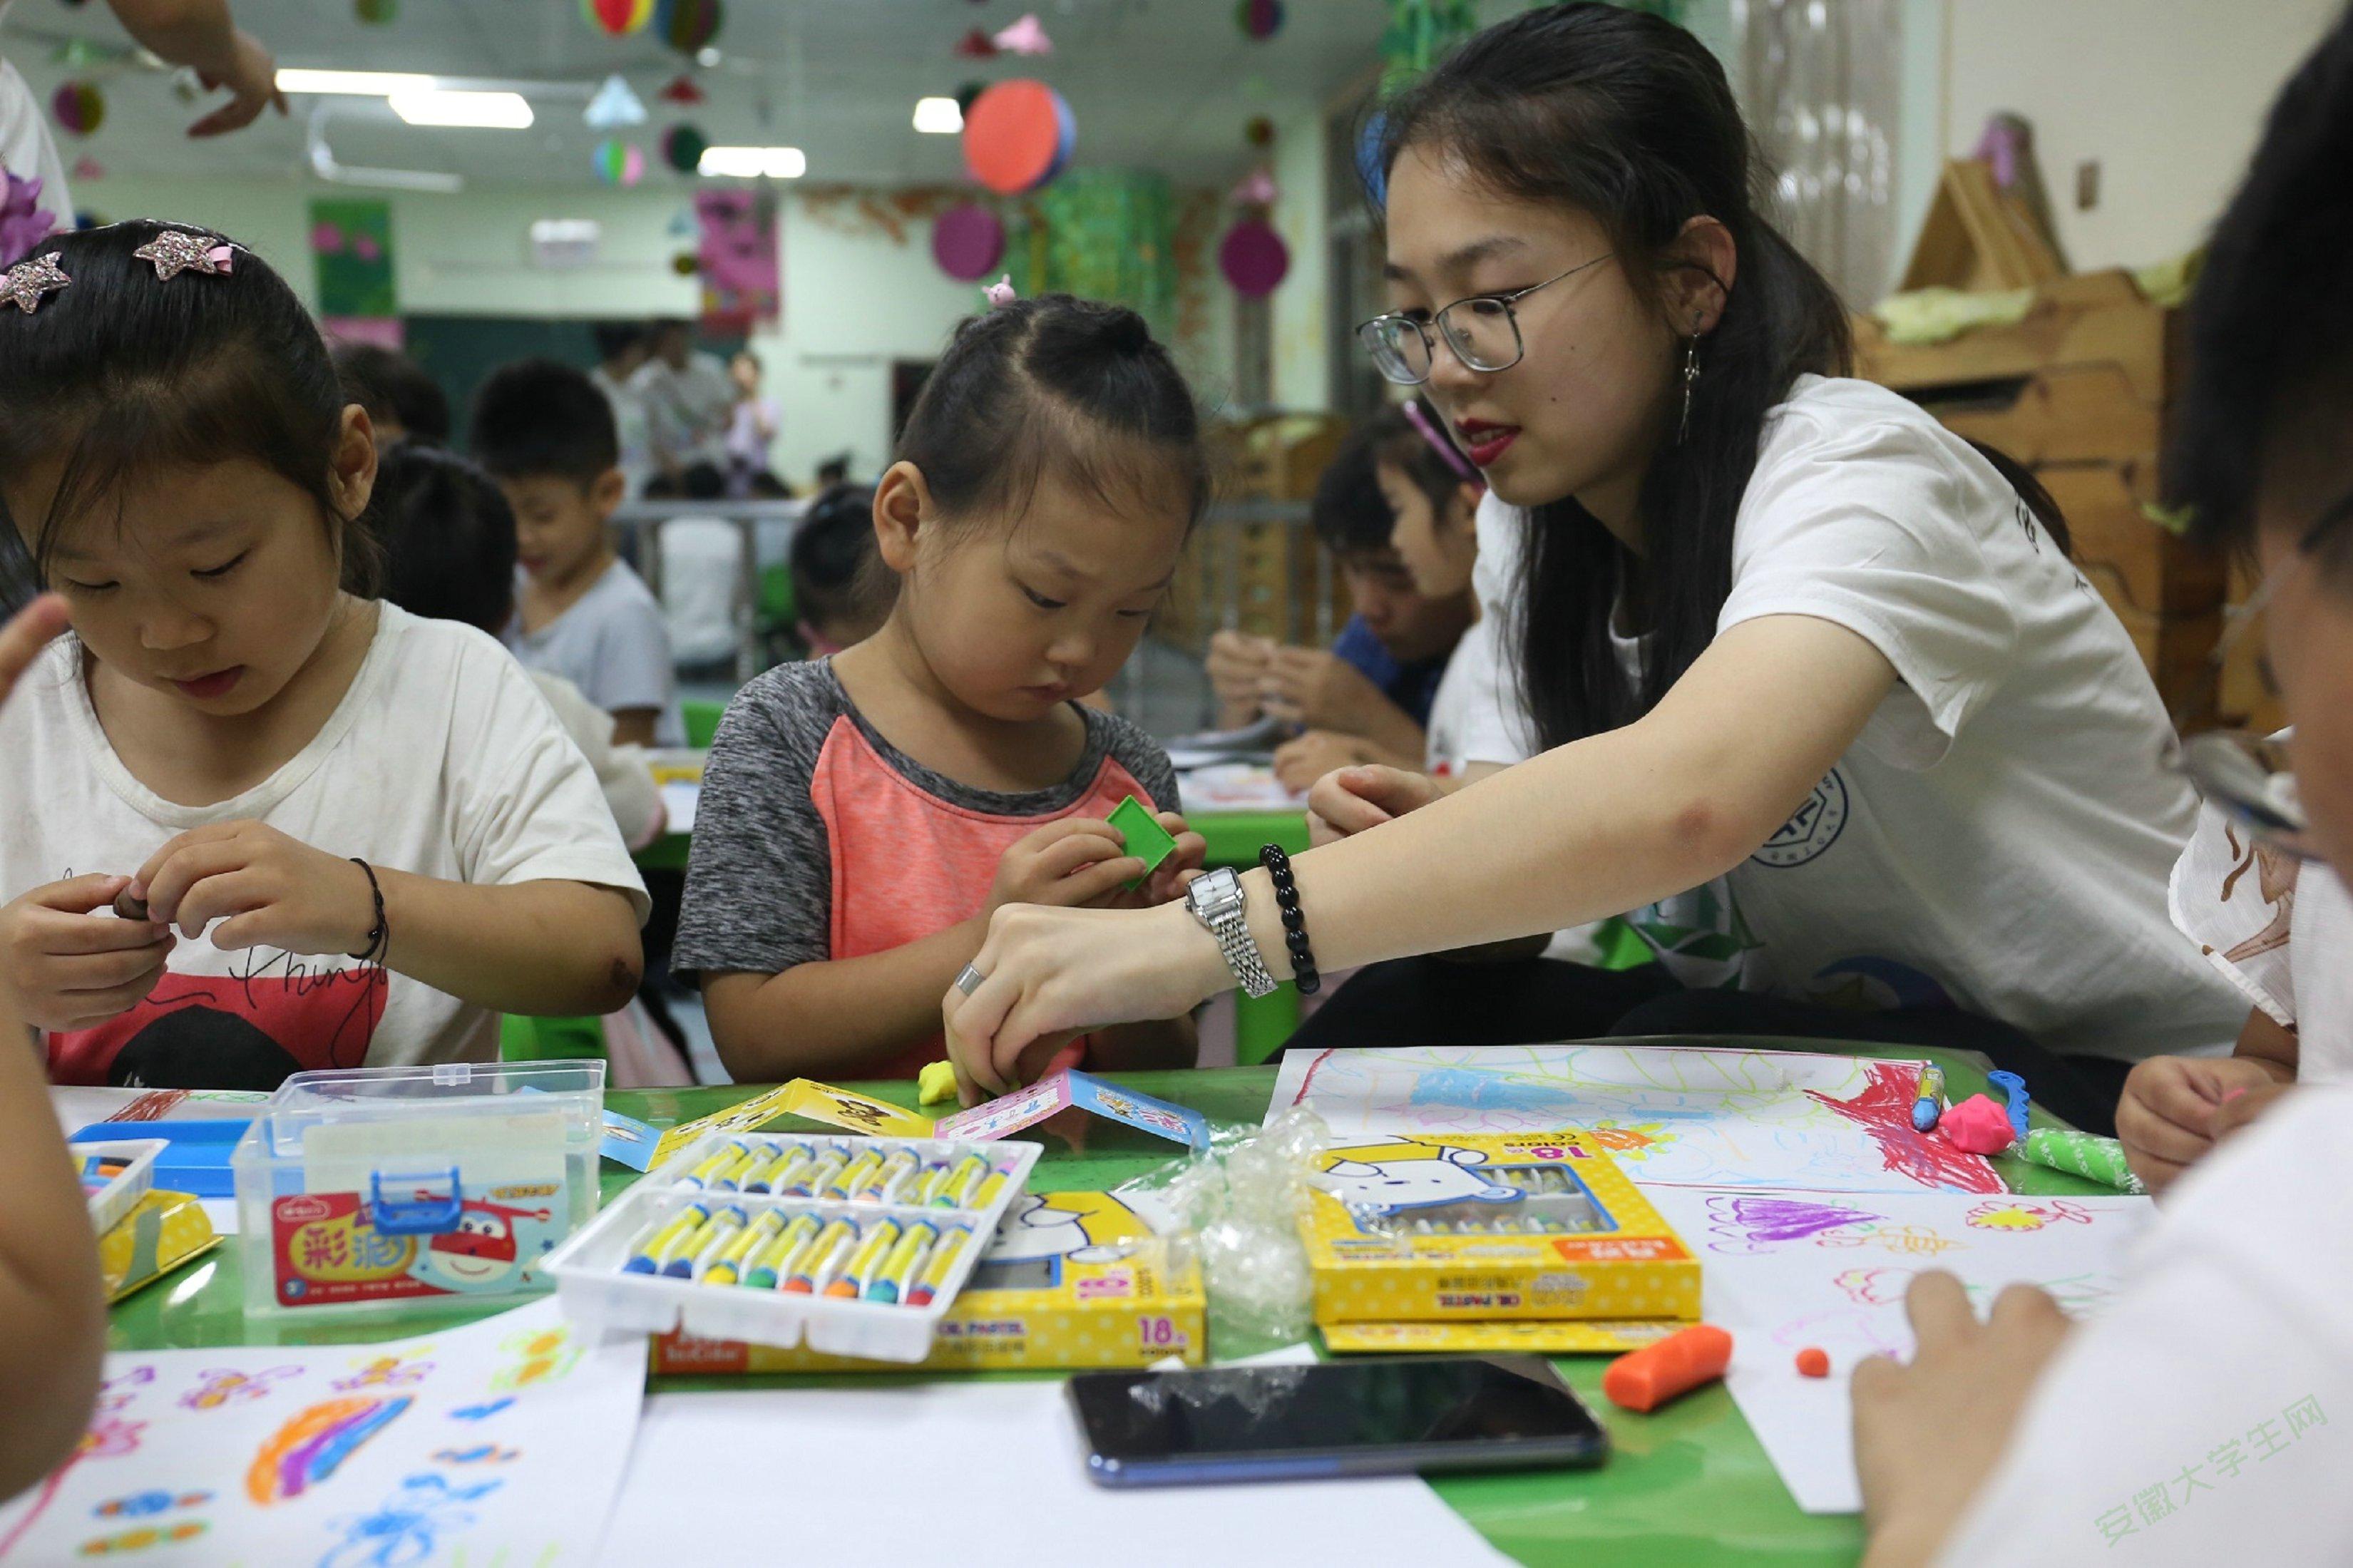 安徽工业大学艺术与设计学院走进新星幼儿园:献礼峥嵘七十载·青春建功新时代